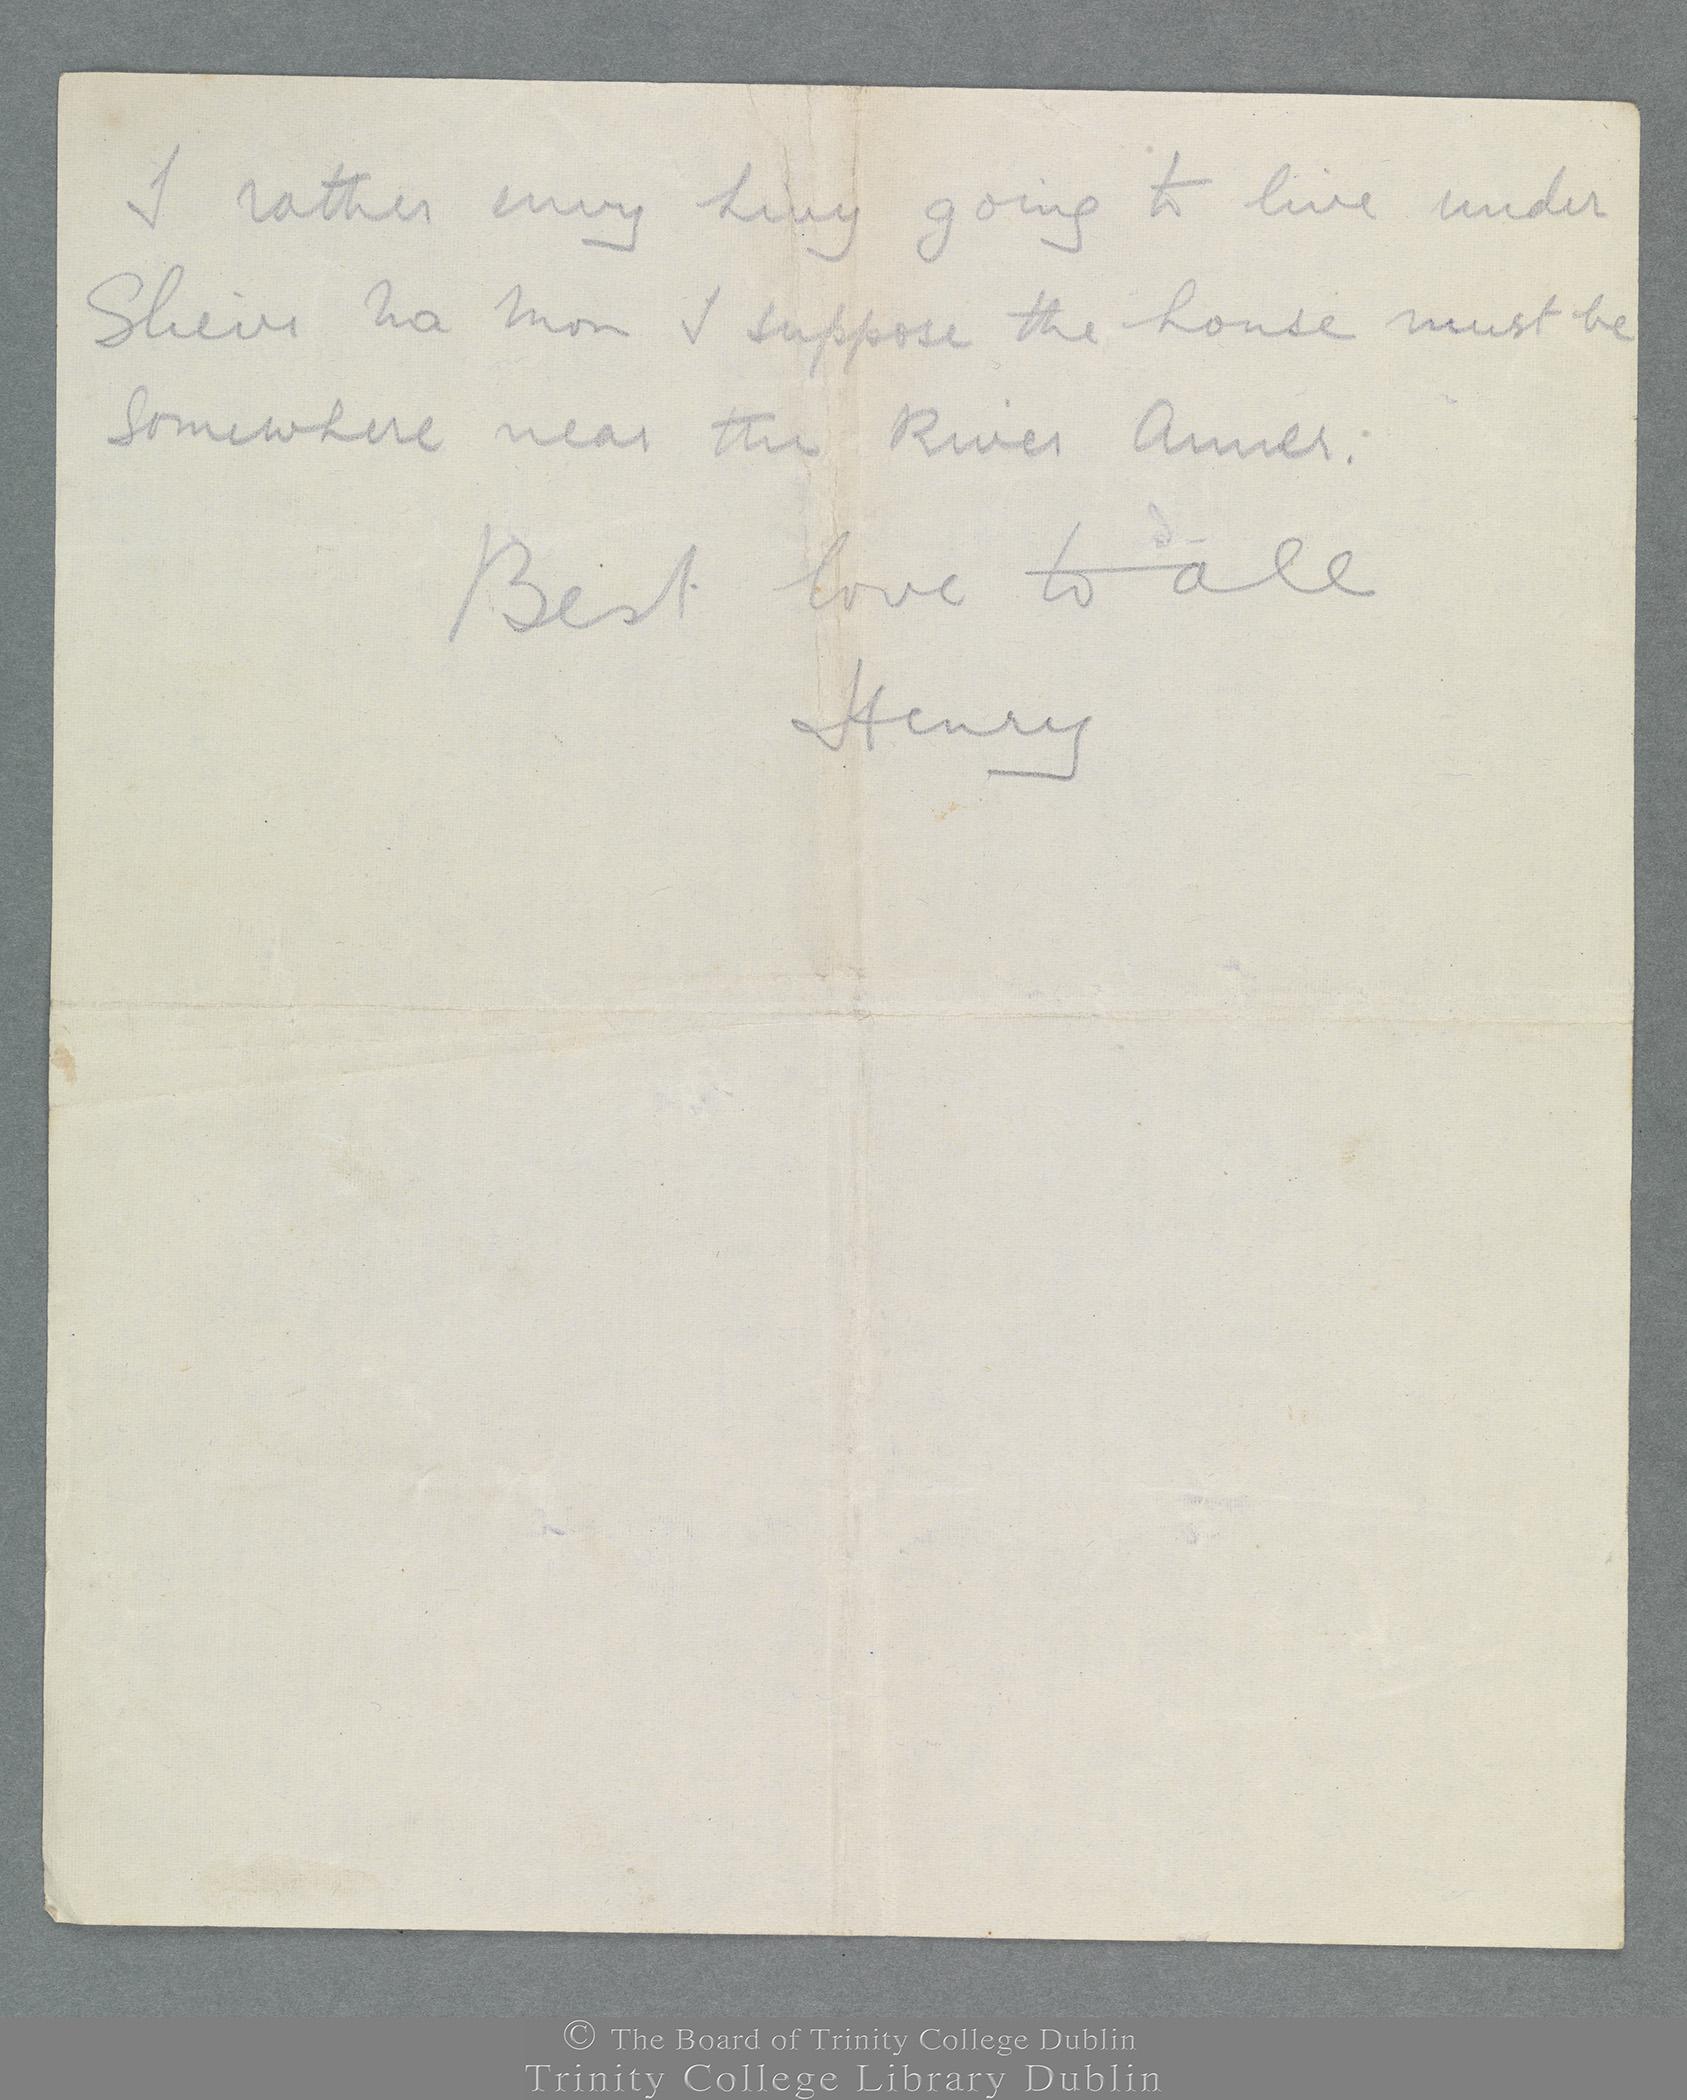 TCD MS 11290/38 folio 1 verso